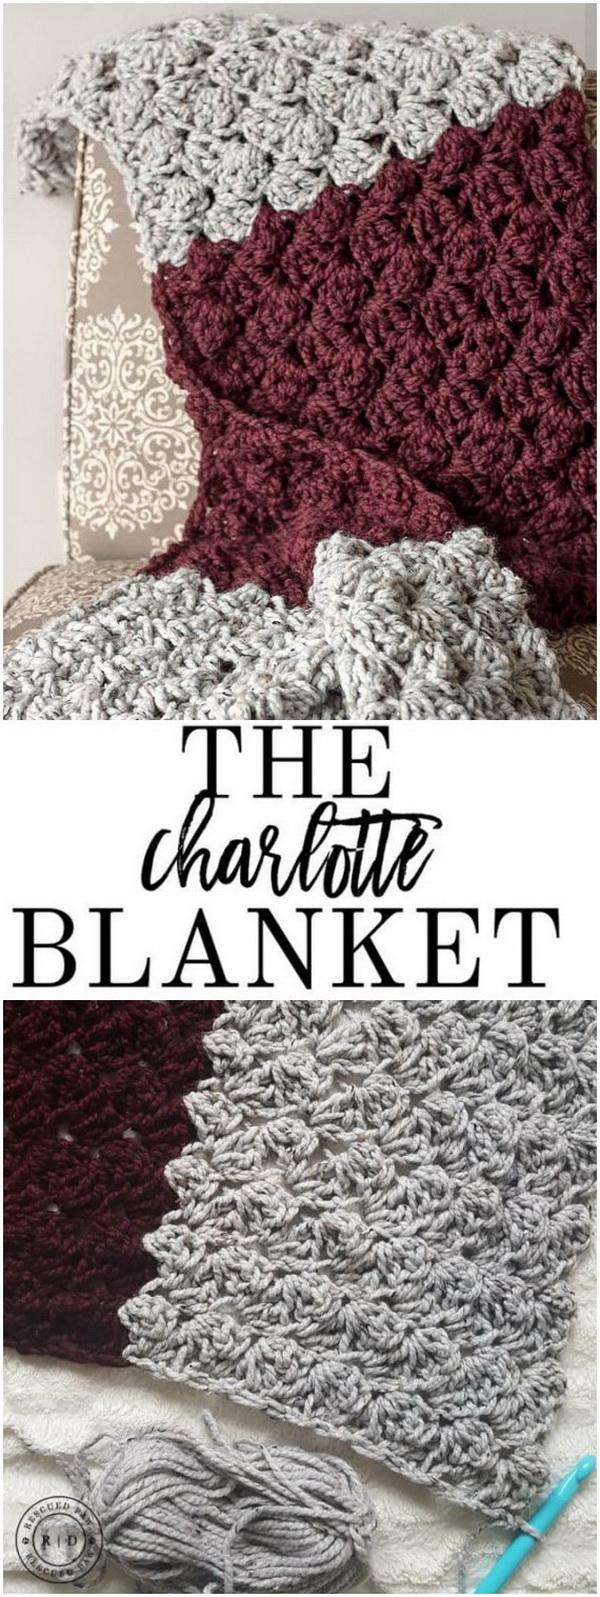 Quick And Easy Crochet Blanket Patterns For Beginners: Charlotte Crochet Blanket.